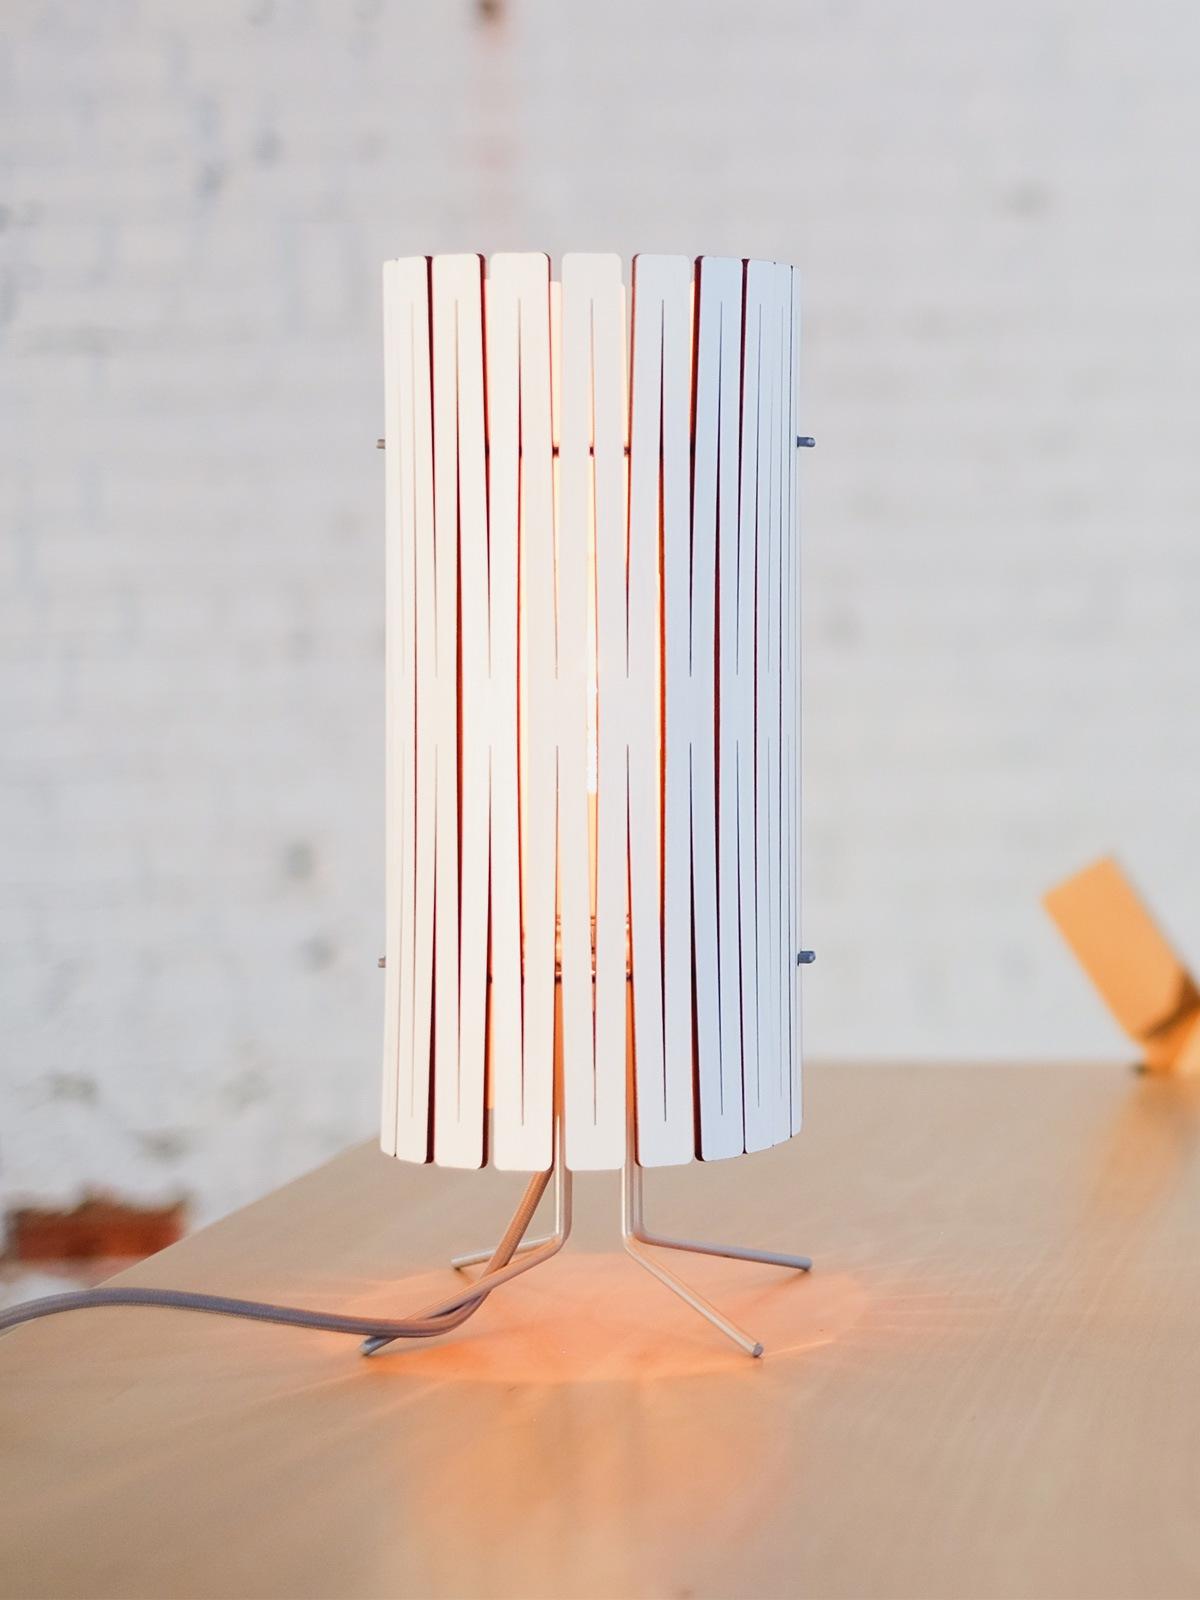 Graypants Kerflight T Tischleuchte aus Holz DesignOrt